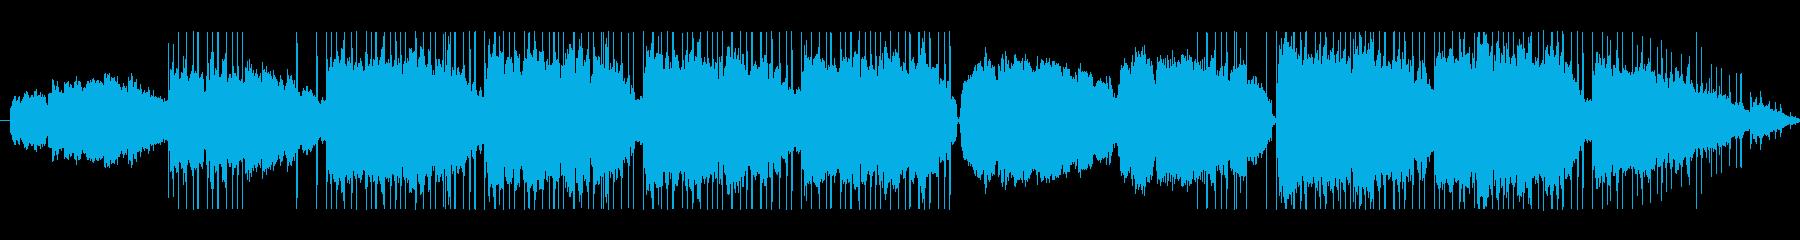 Lofi Hiphop 勉強用 朝の再生済みの波形